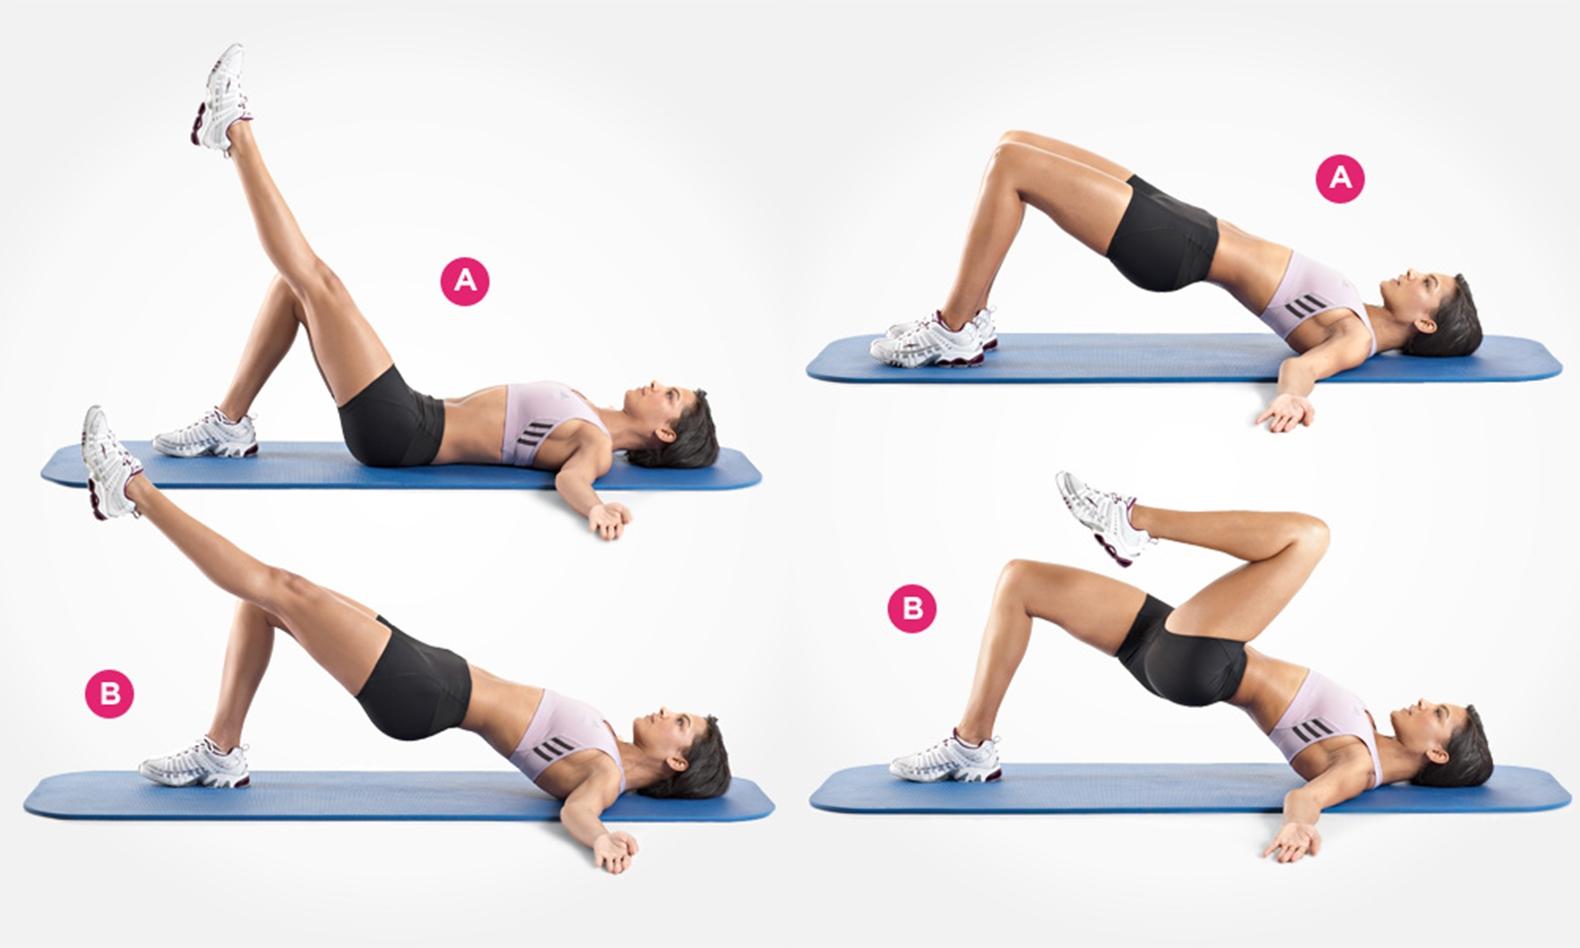 Как Похудеть В Ногах Бедрах И Талии. Как быстро и эффективно похудеть в ногах в домашних условиях?